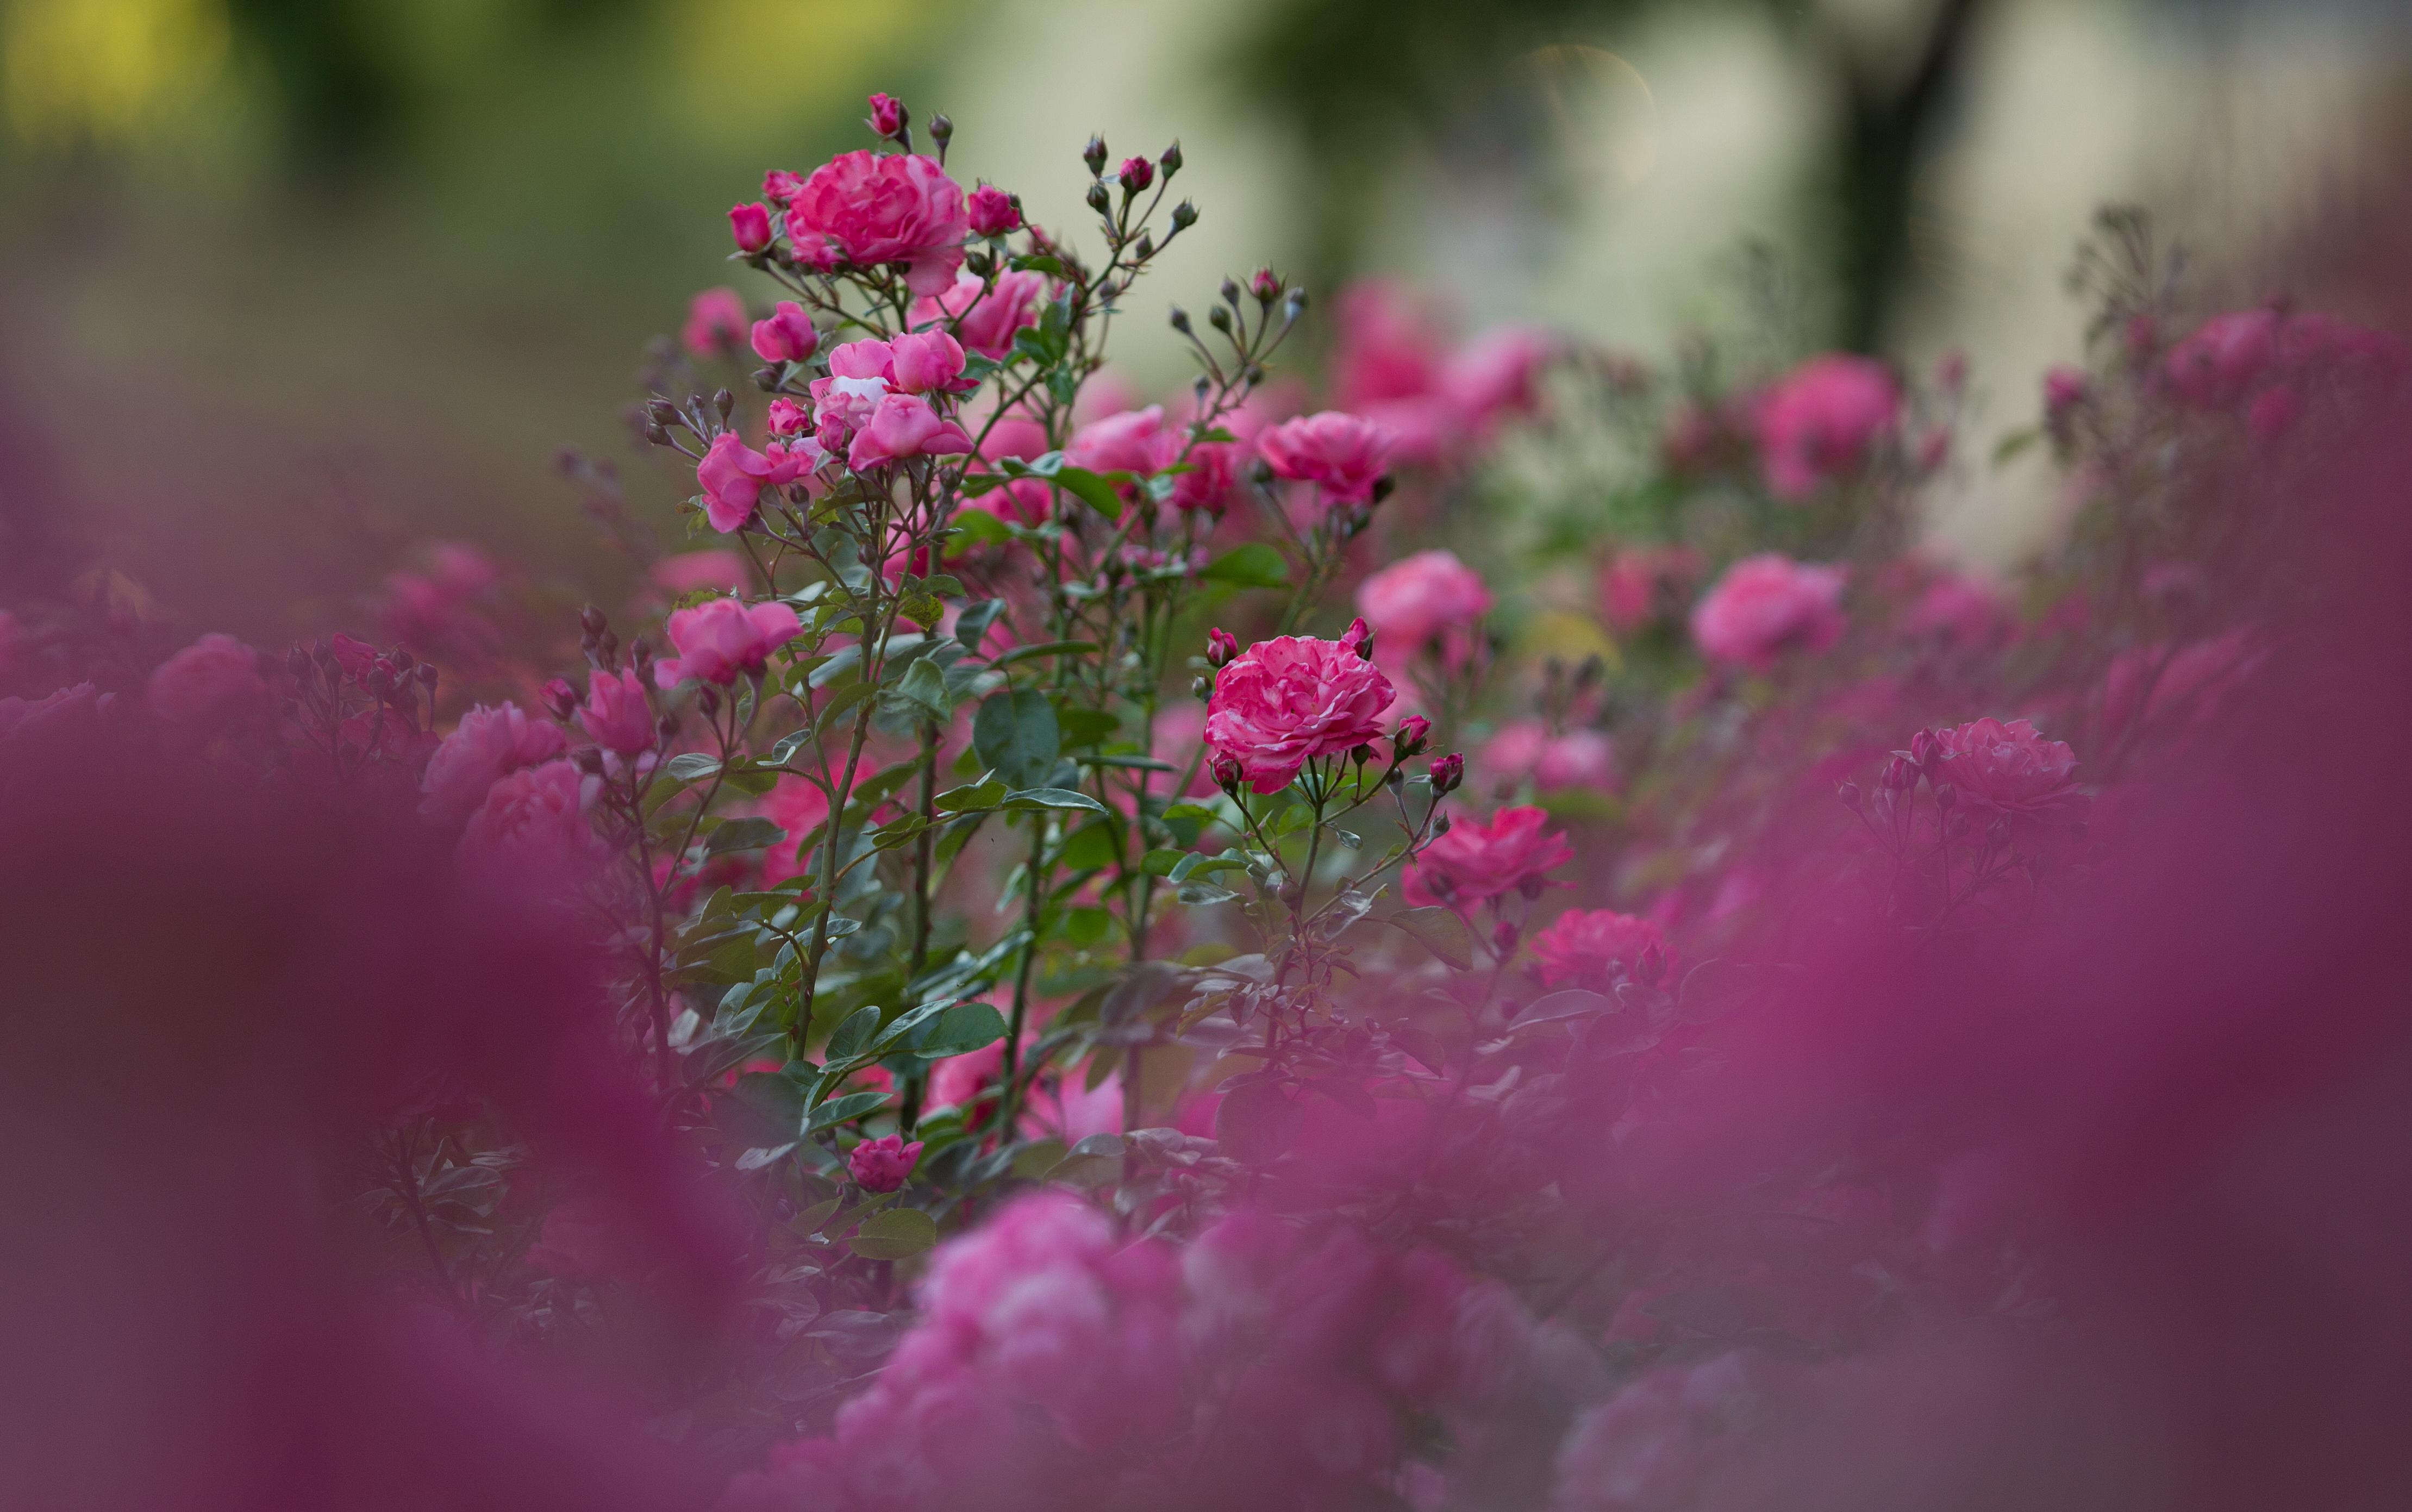 Mein schöner Garten / Park Traugutta